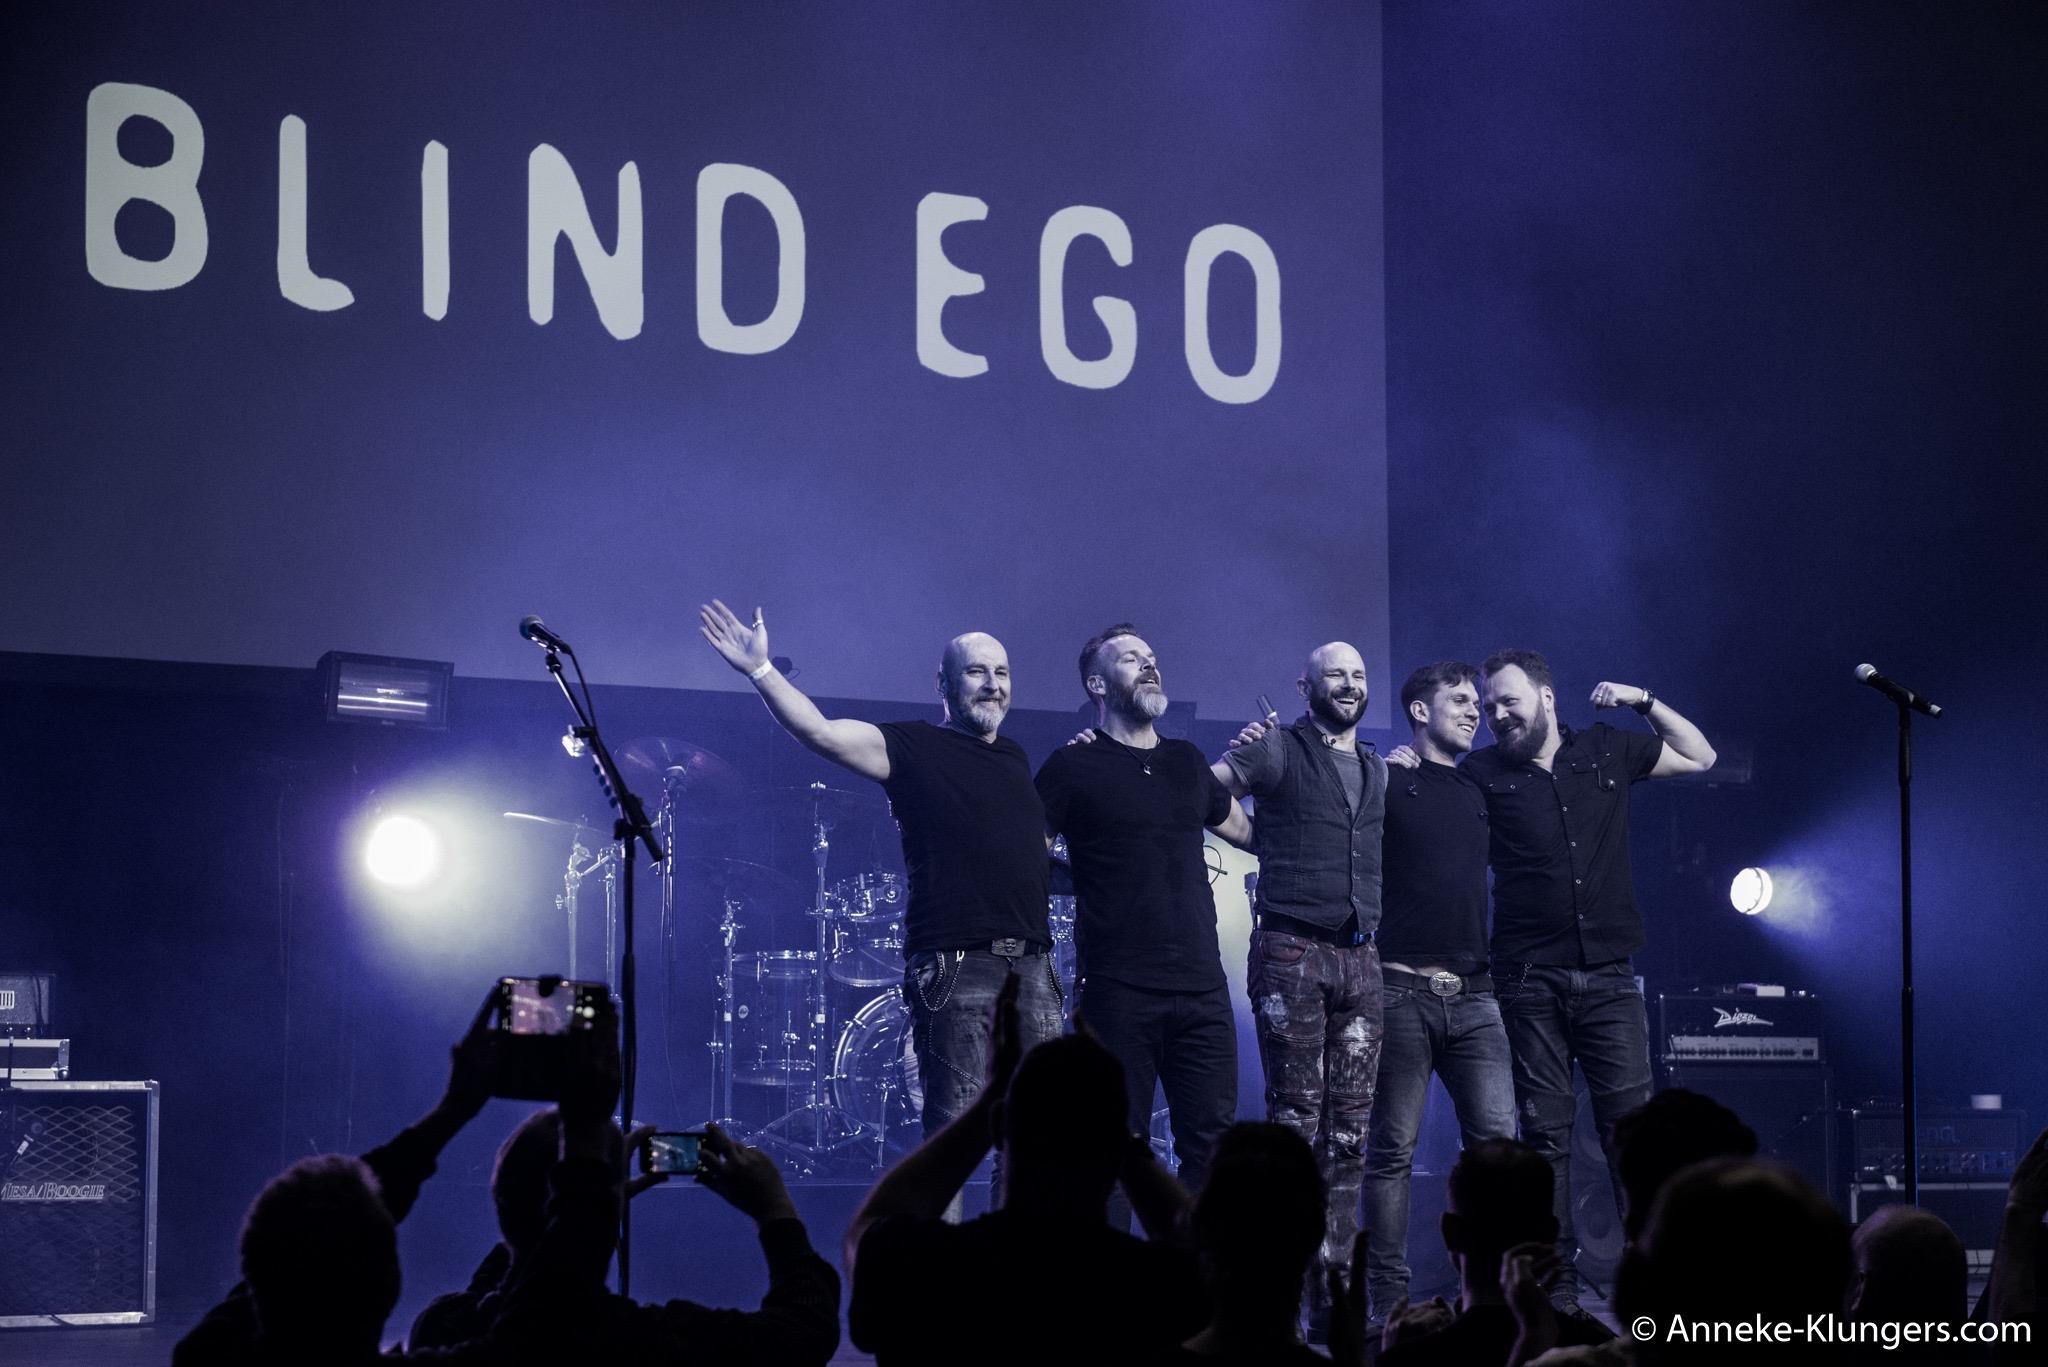 Konzertfoto BLIND EGO